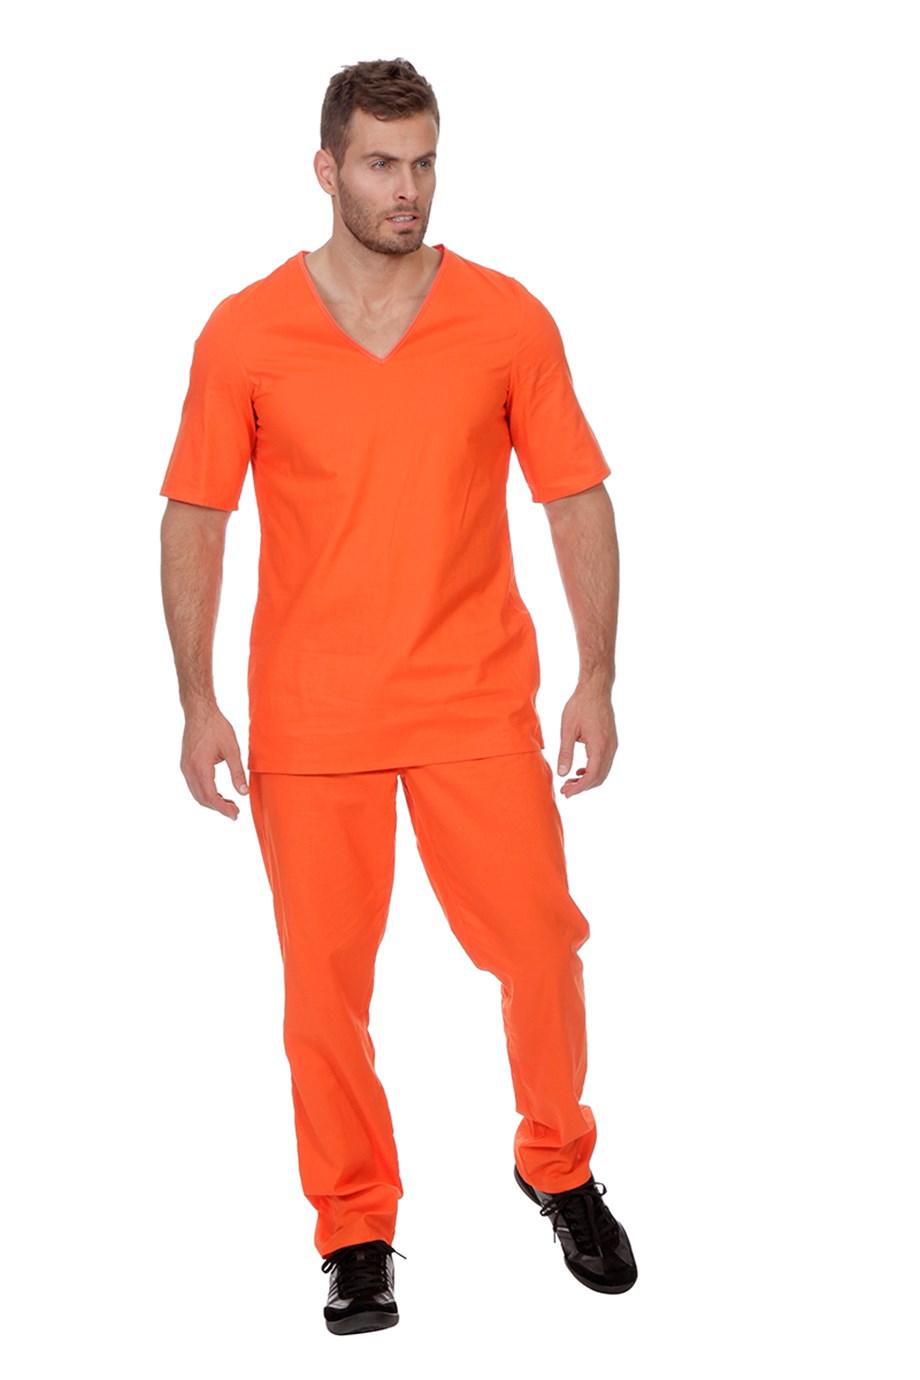 amerikkalaisen vangin asu